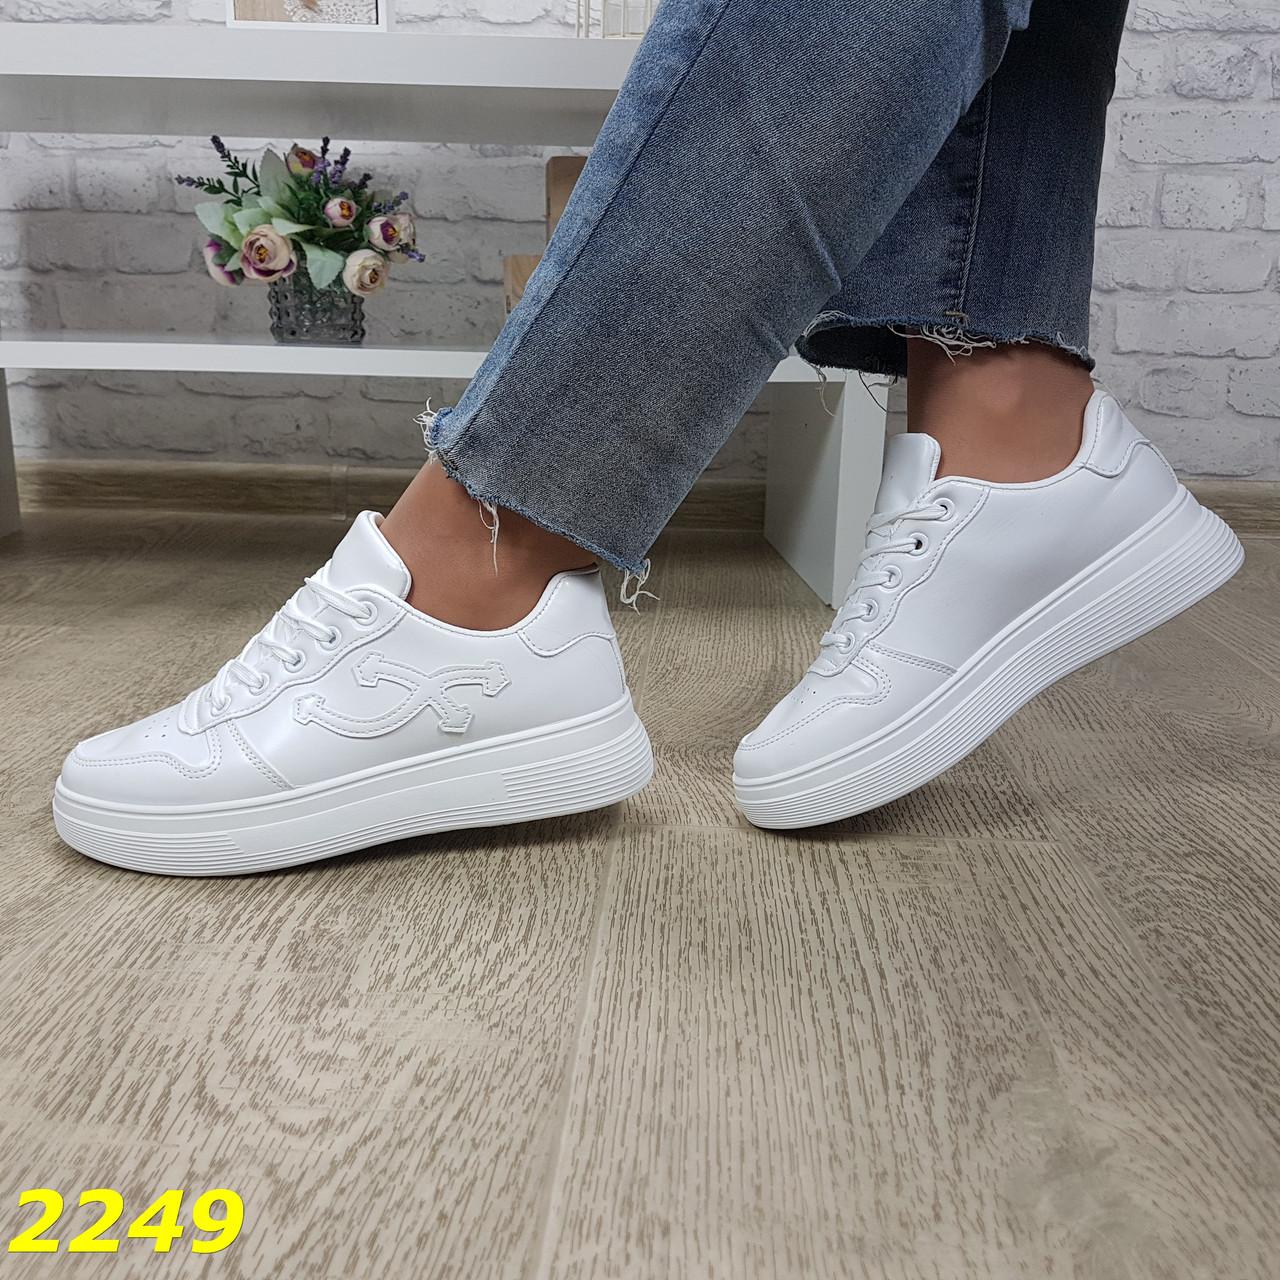 Кроссовки на высокой платформе белые